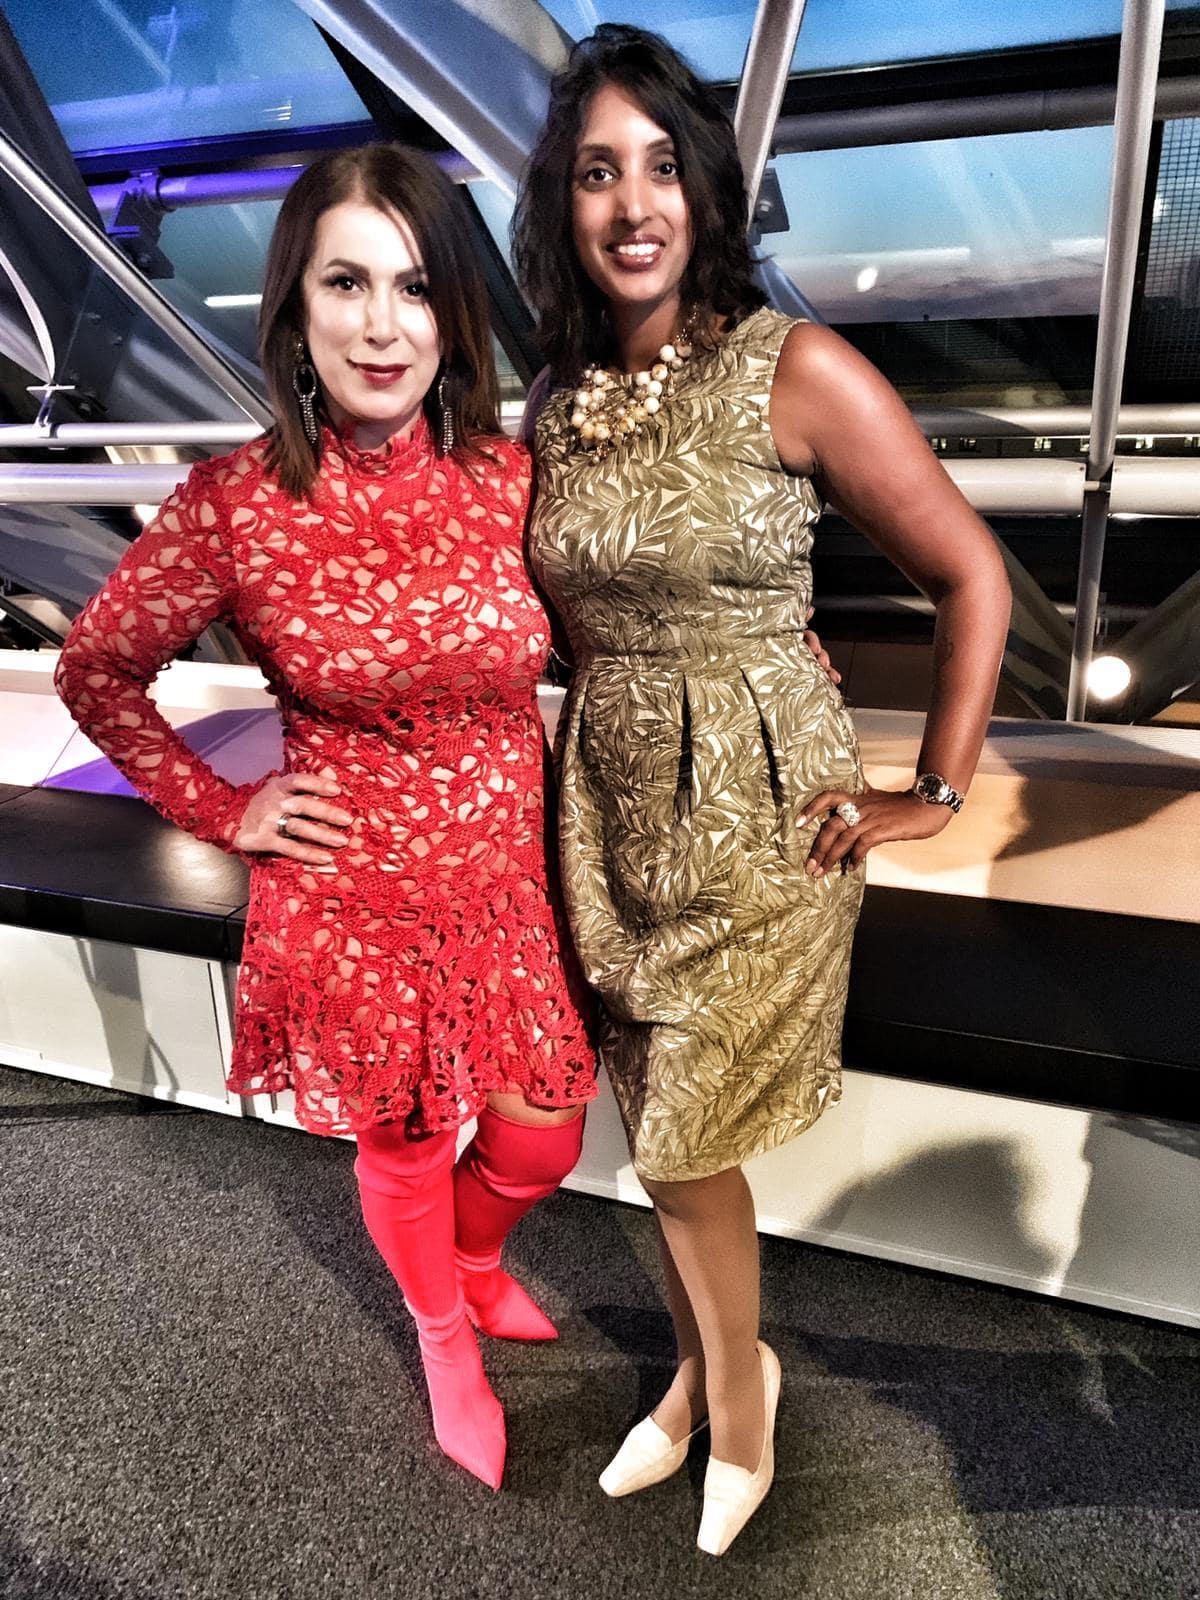 Bild zeigt Sabina Kocherhans im goldfarbenen Kleid mit einer Veranstaltungs-Teilnehmerin in einem roten Häkel-Kleid nebeneinander stehend